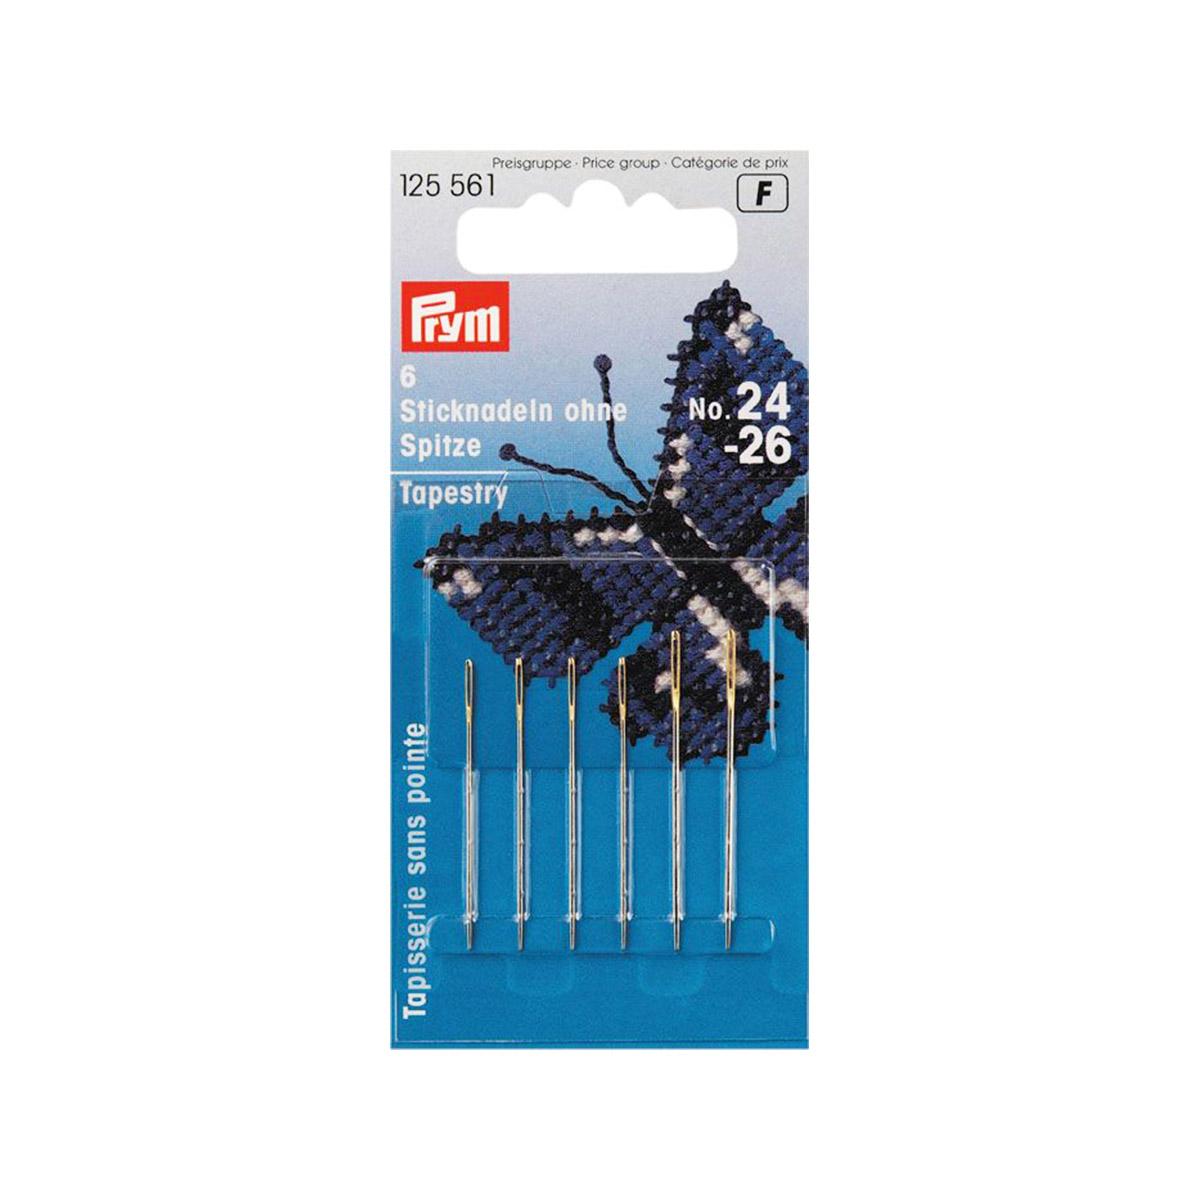 125561 Иглы для вышивки со скруглённым остриём (сталь) PRYM, №24/26, 6 шт. Prym